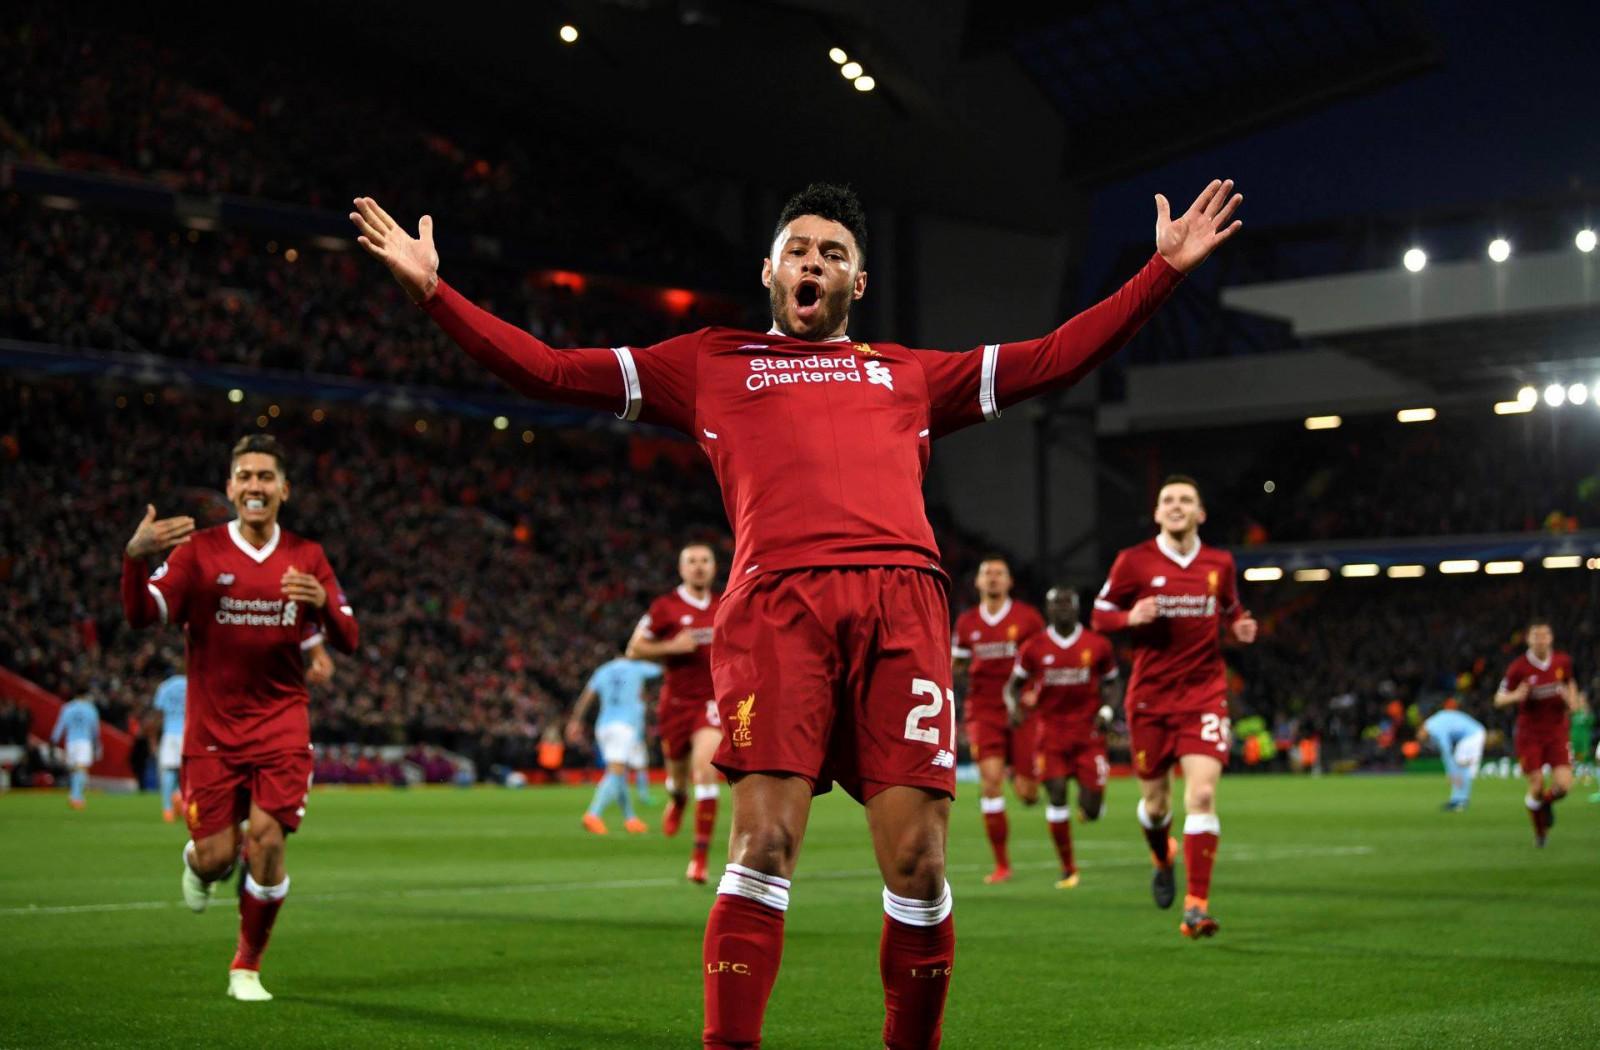 Liverpool 3-0 Manchester City: Echipa lui Pep Guardiola a fost umilită pe Anfield în meciul tur din sferturile Ligii Campionilor